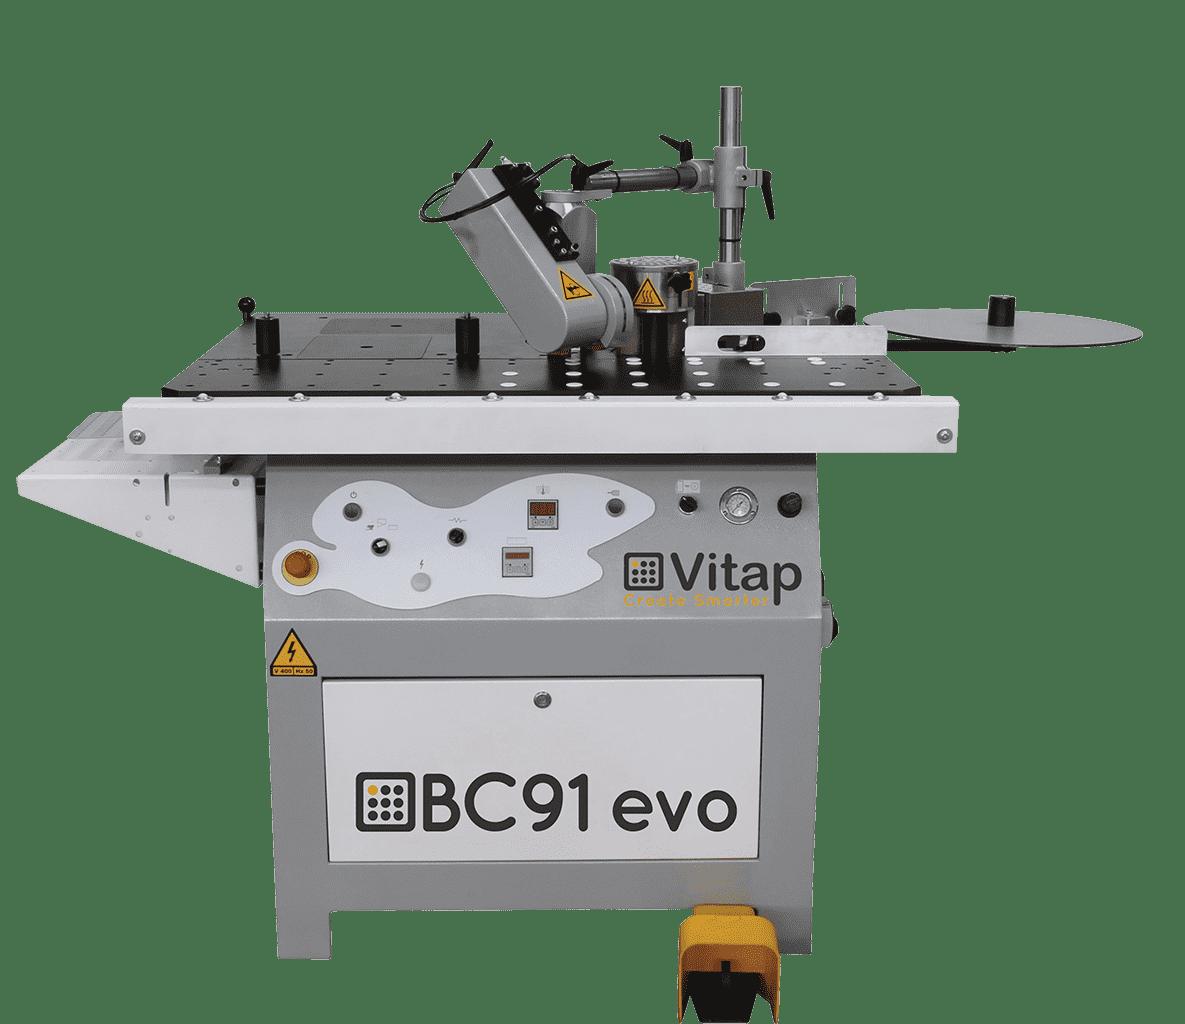 Vitap - BC91 Evo